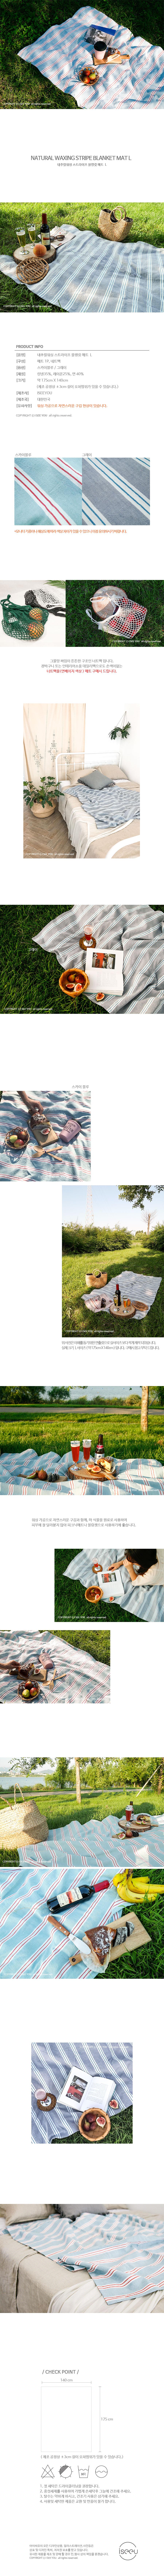 내추럴워싱 스트라이프 블랭킷 매트 L +너트백 증정 - 아이씨유, 29,700원, 매트/돗자리, 매트/돗자리/베개